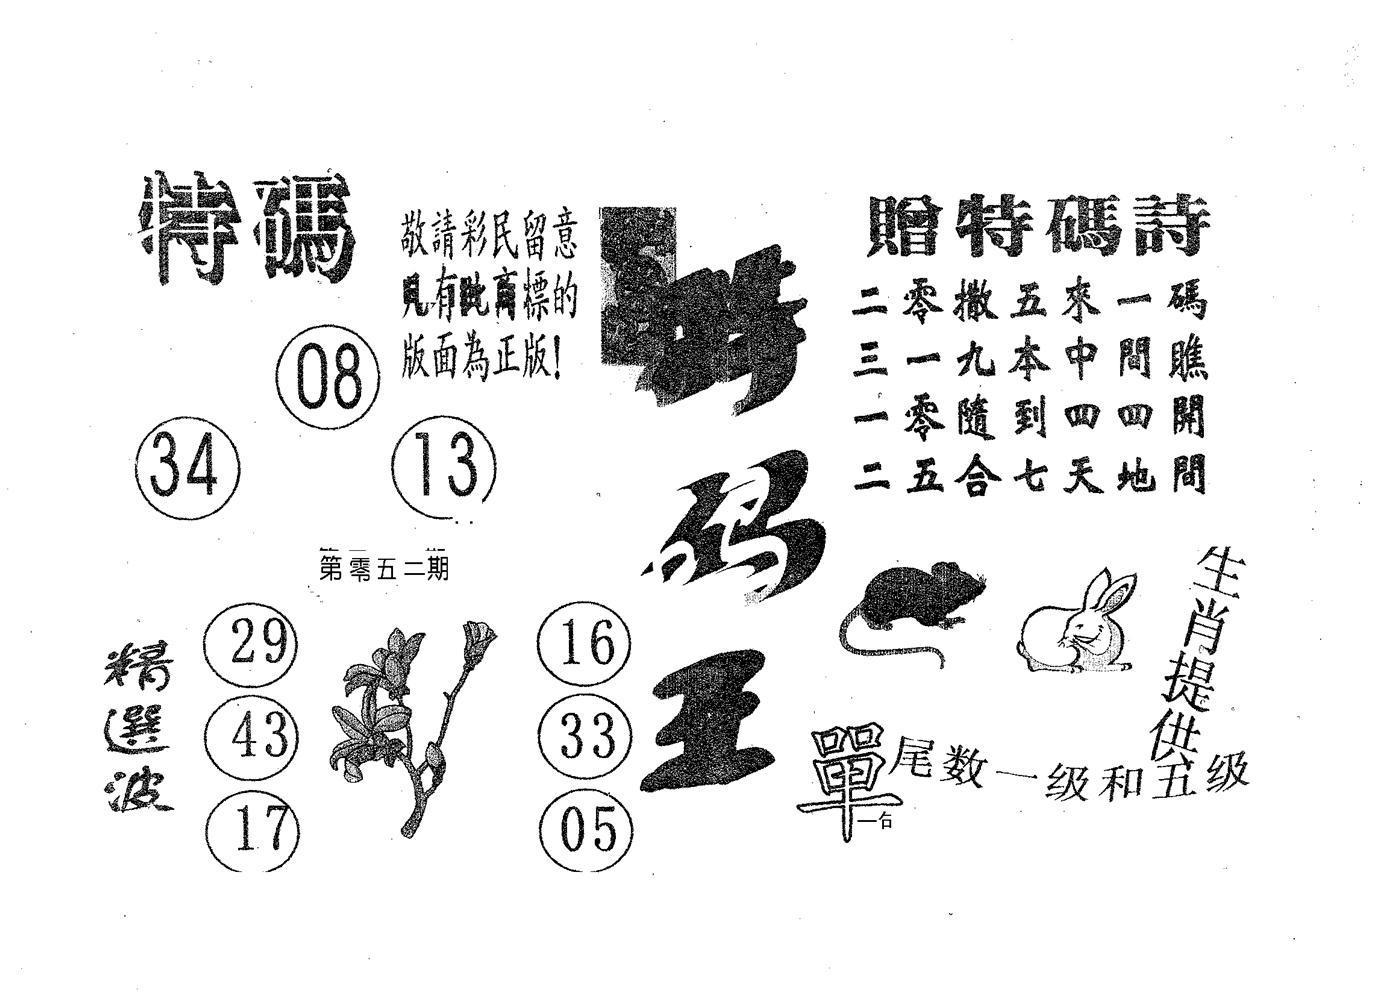 052期特码王A(黑白)